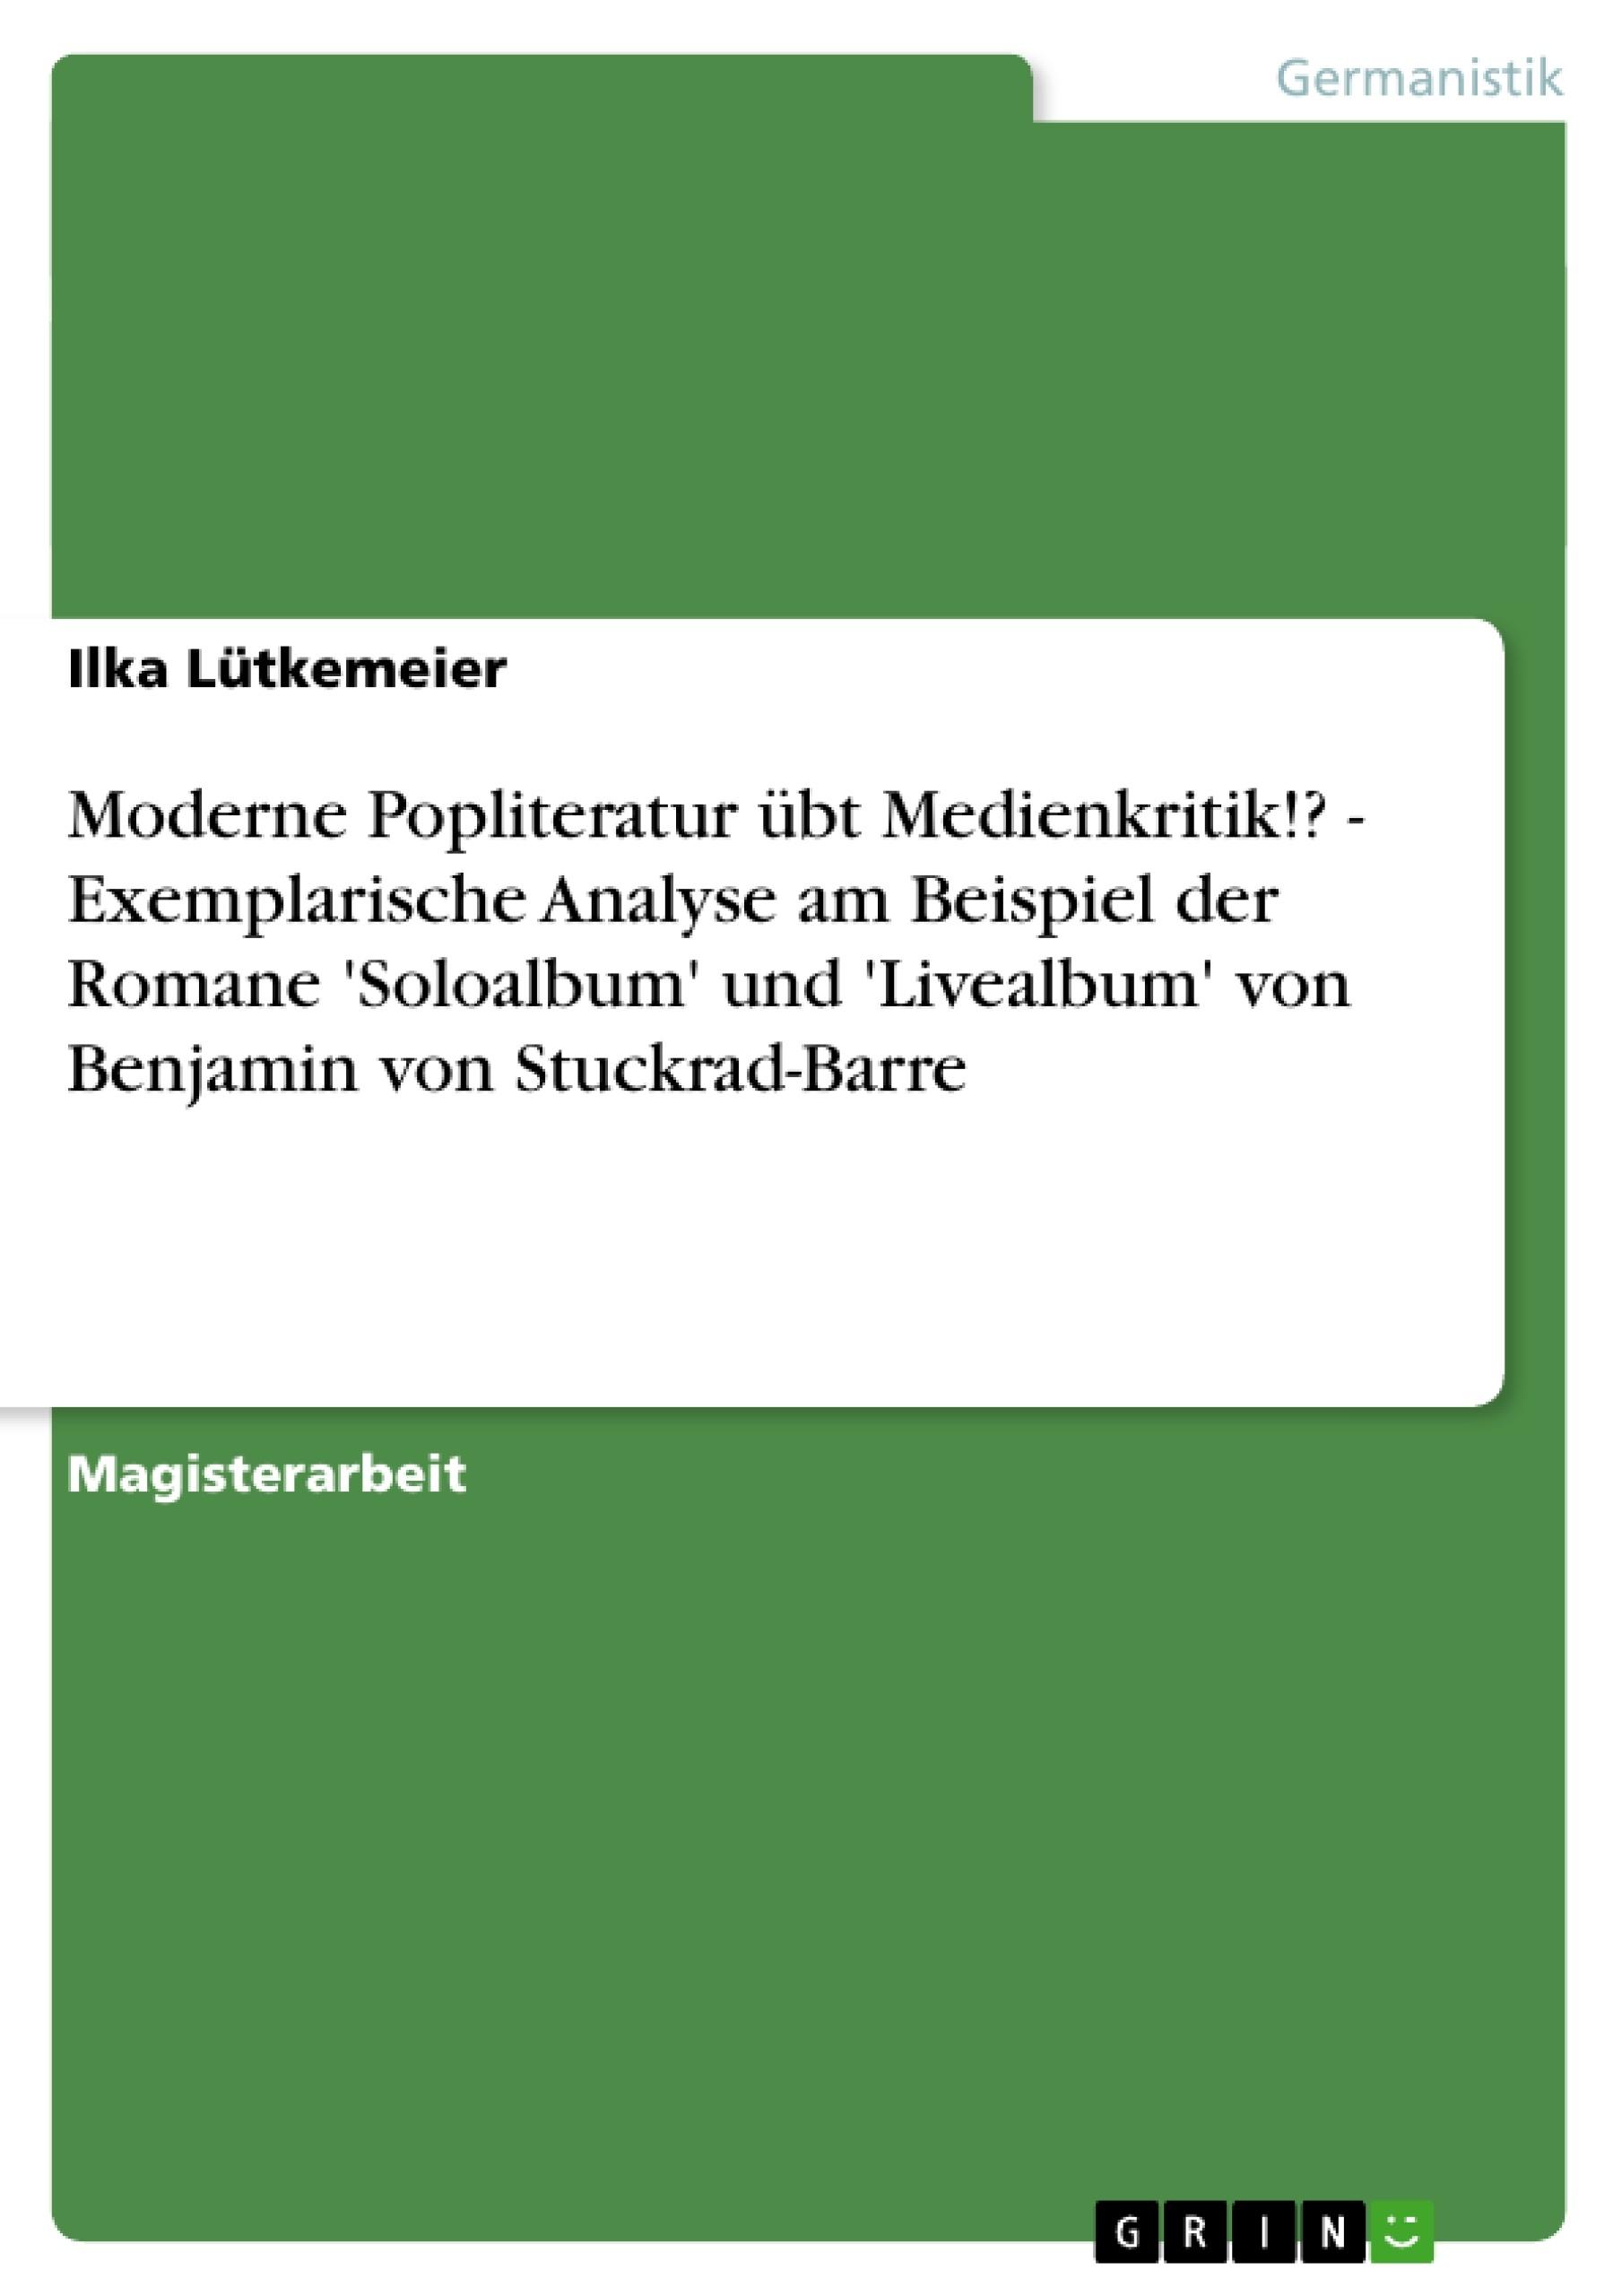 Titel: Moderne Popliteratur übt Medienkritik!? - Exemplarische Analyse am Beispiel der Romane 'Soloalbum' und 'Livealbum' von Benjamin von Stuckrad-Barre